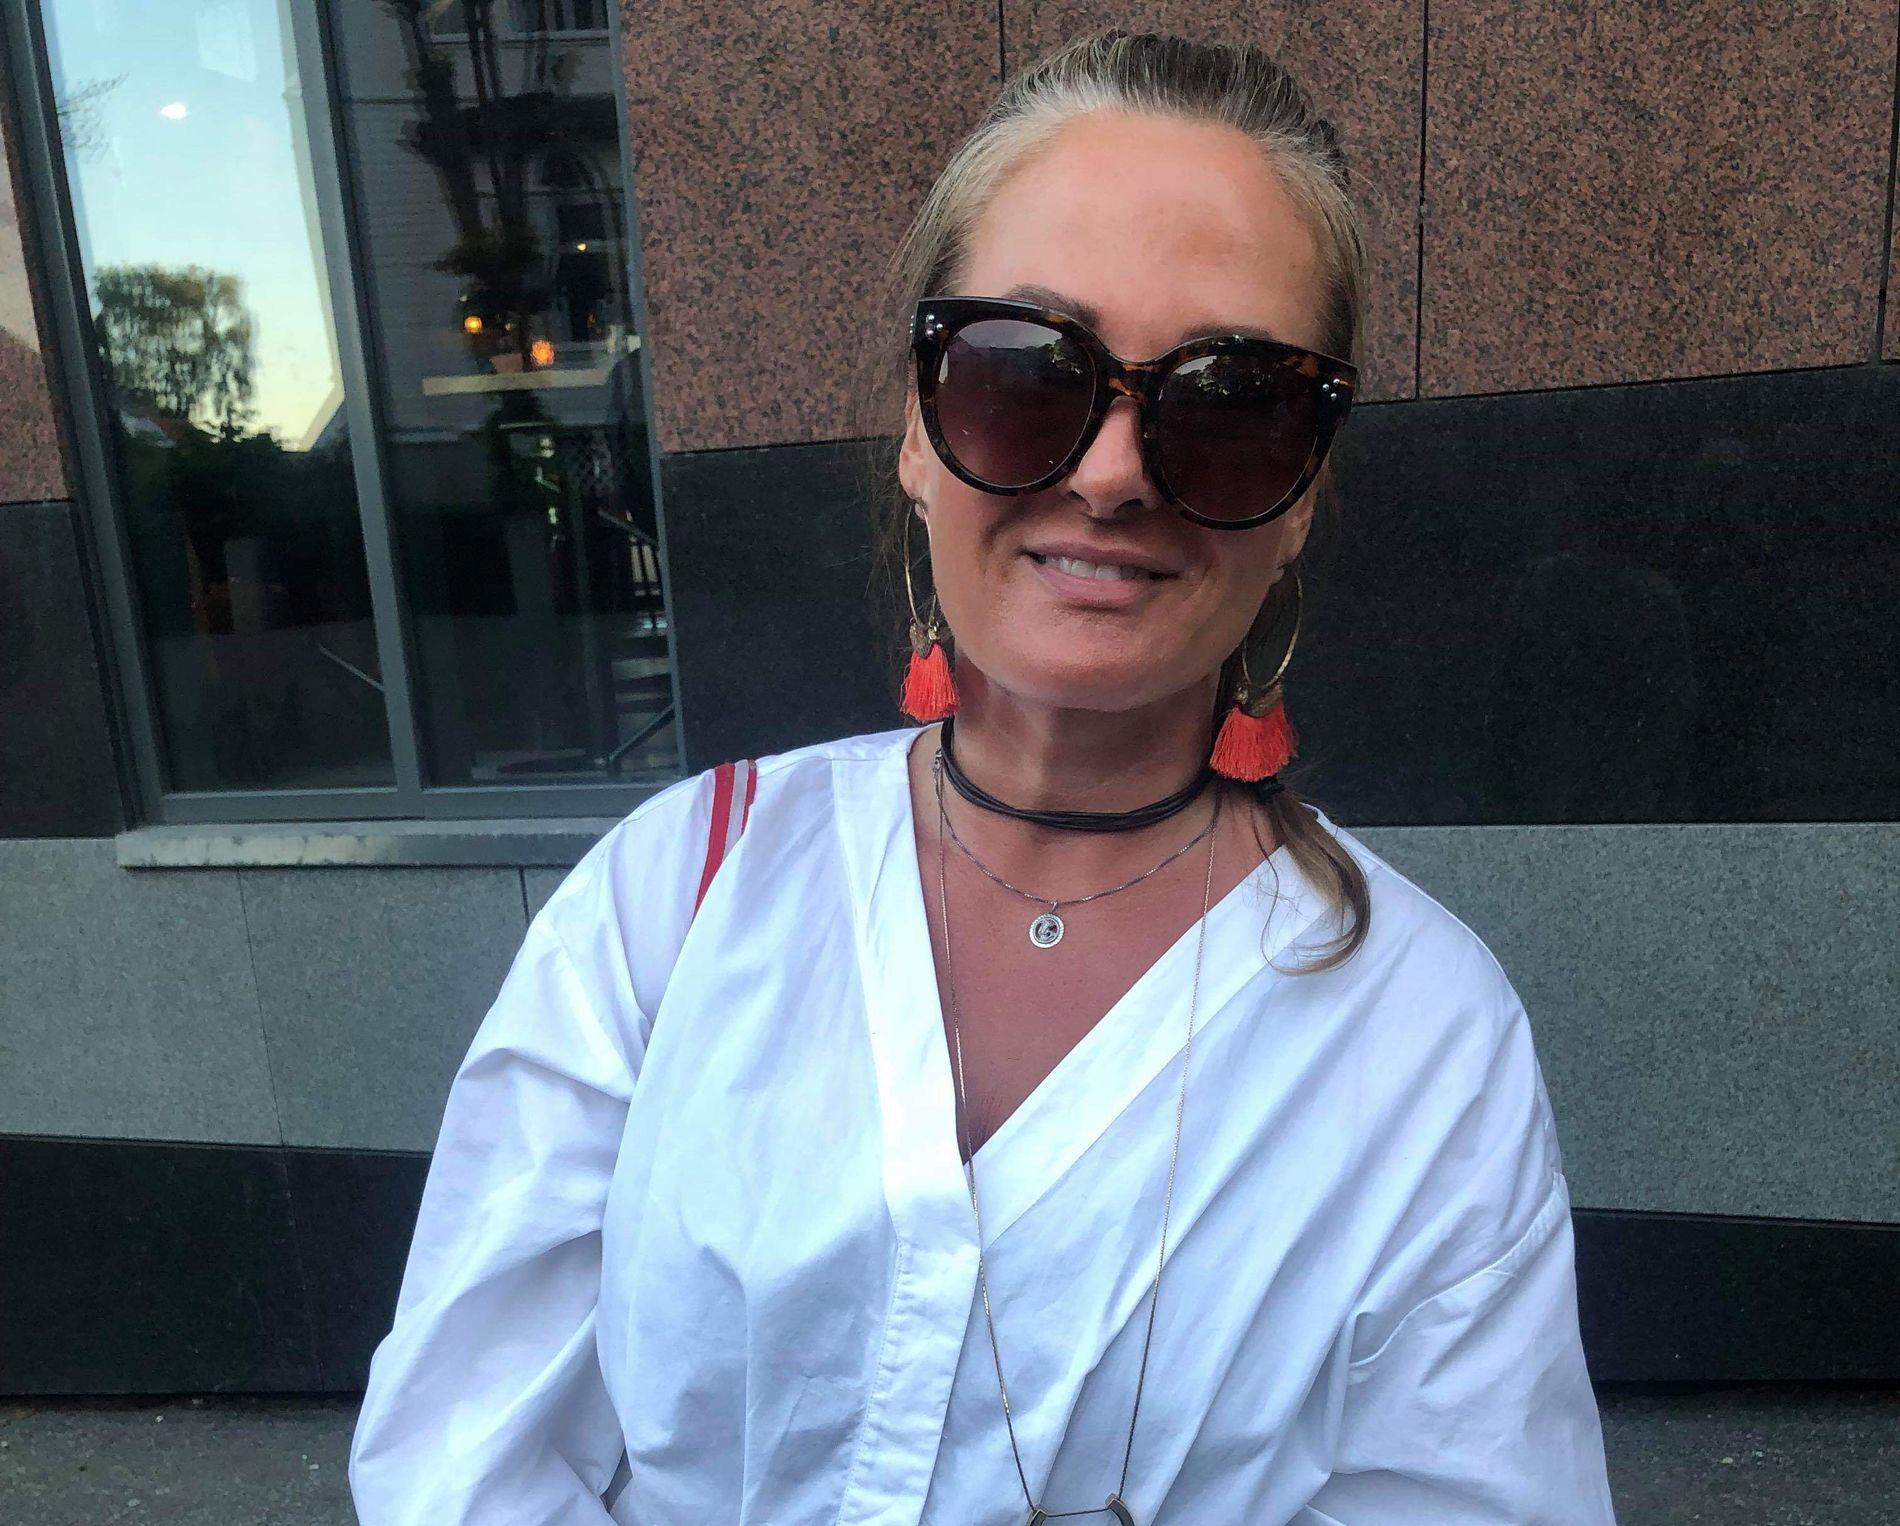 OVERRASKET: Nina Dale sitter igjen med en god opplevelse etter mandagens foredrag.